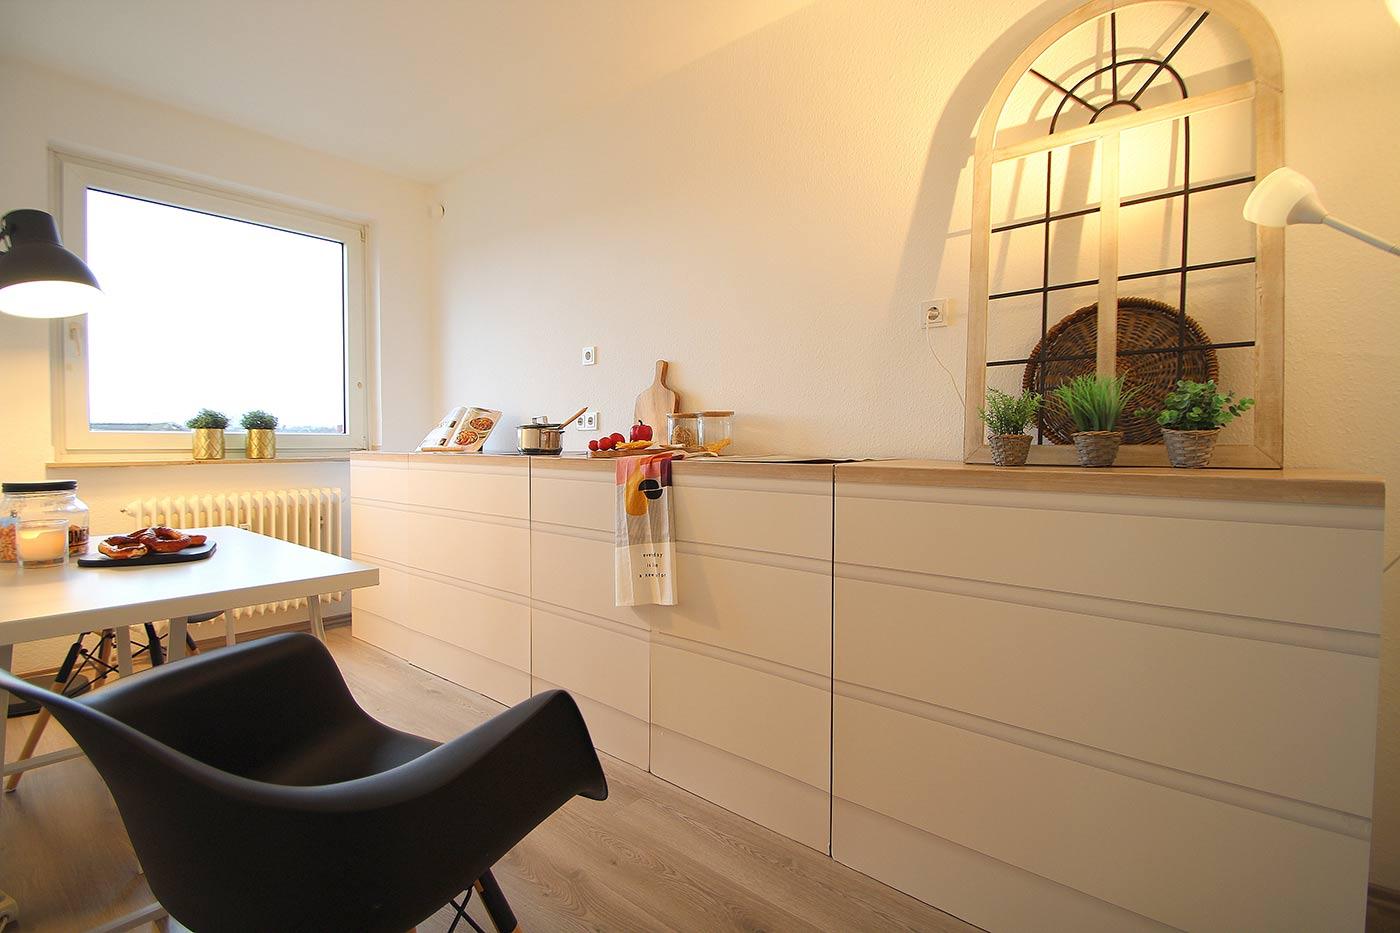 Küche nach dem Homestaging durch Nicole Biernath von Blickfang Homestaging in Soest